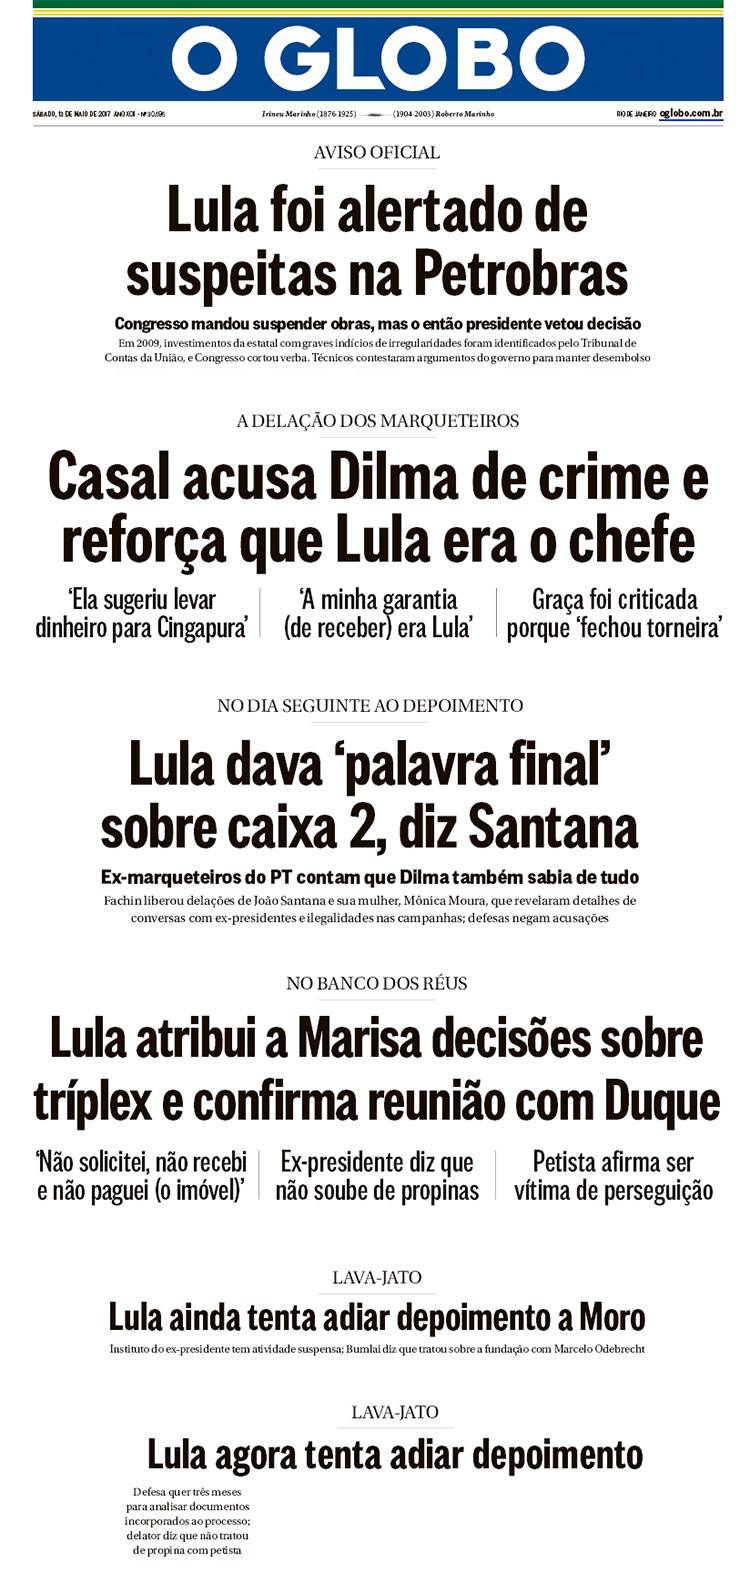 Reproduções da capa do Globo